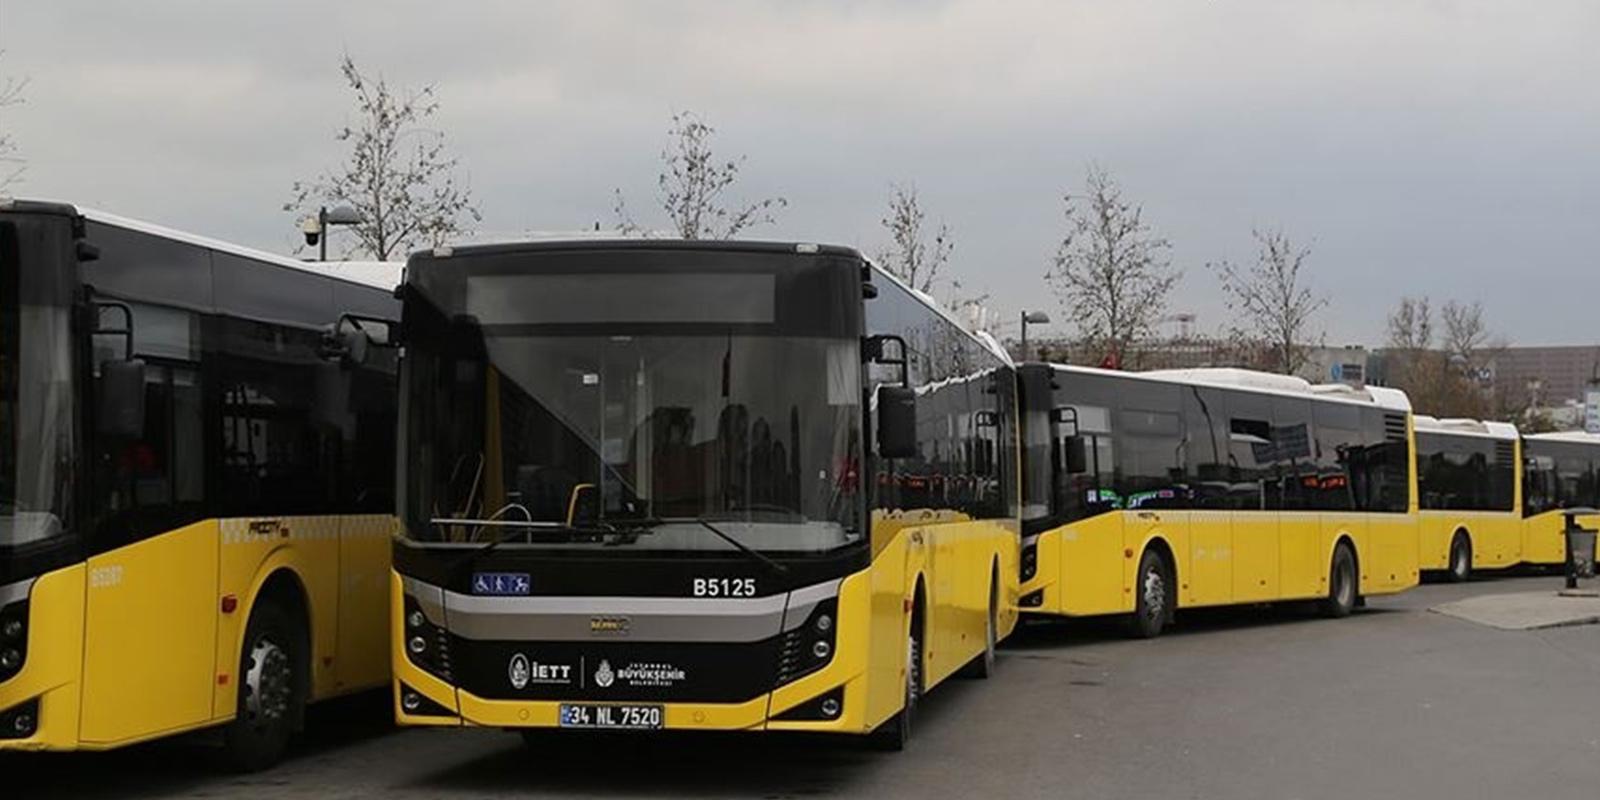 Toplu ulaşıma zam mı geldi?   İETT zam 2021   Akbile zam ne kadar yapıldı?   Otobüs, metro, metrobüs ücretleri ne kadar oldu?